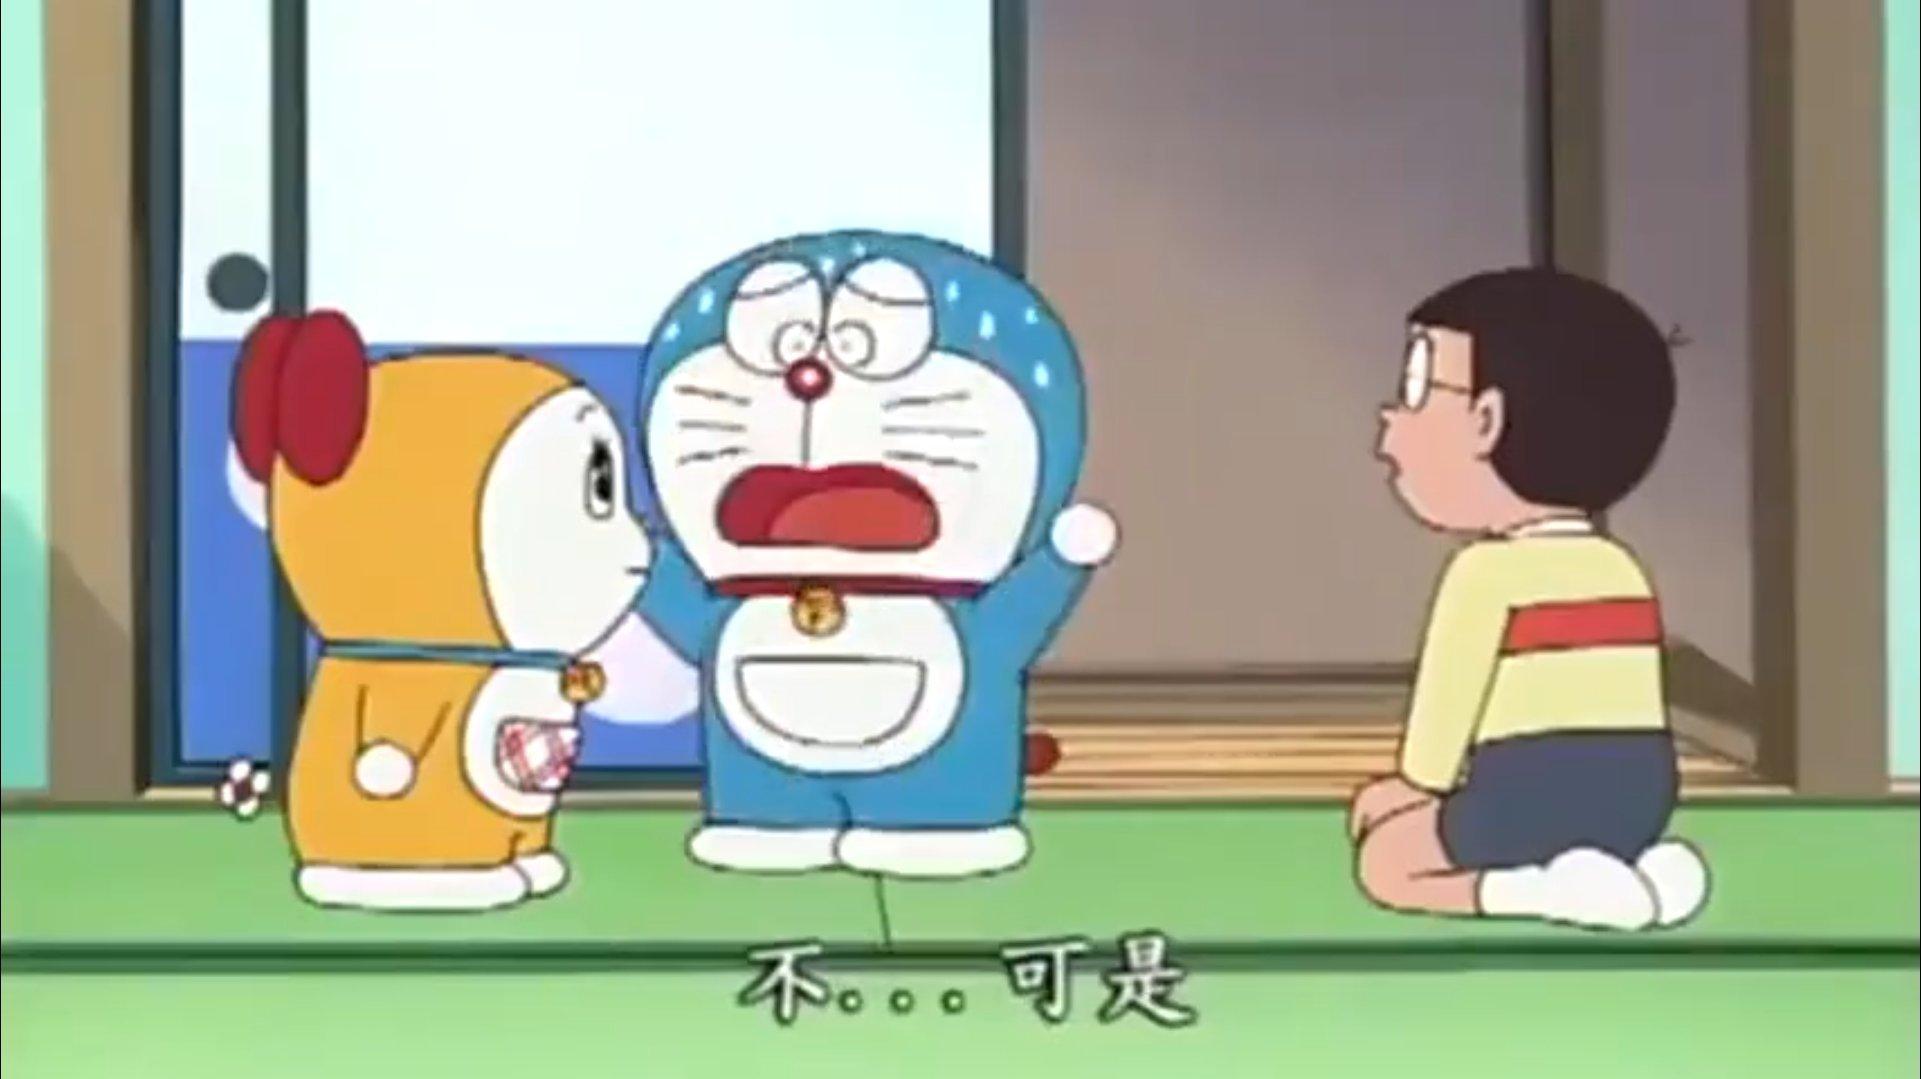 【视频】哆啦A梦:哆啦A梦来体检,没想到体检还挺折磨人